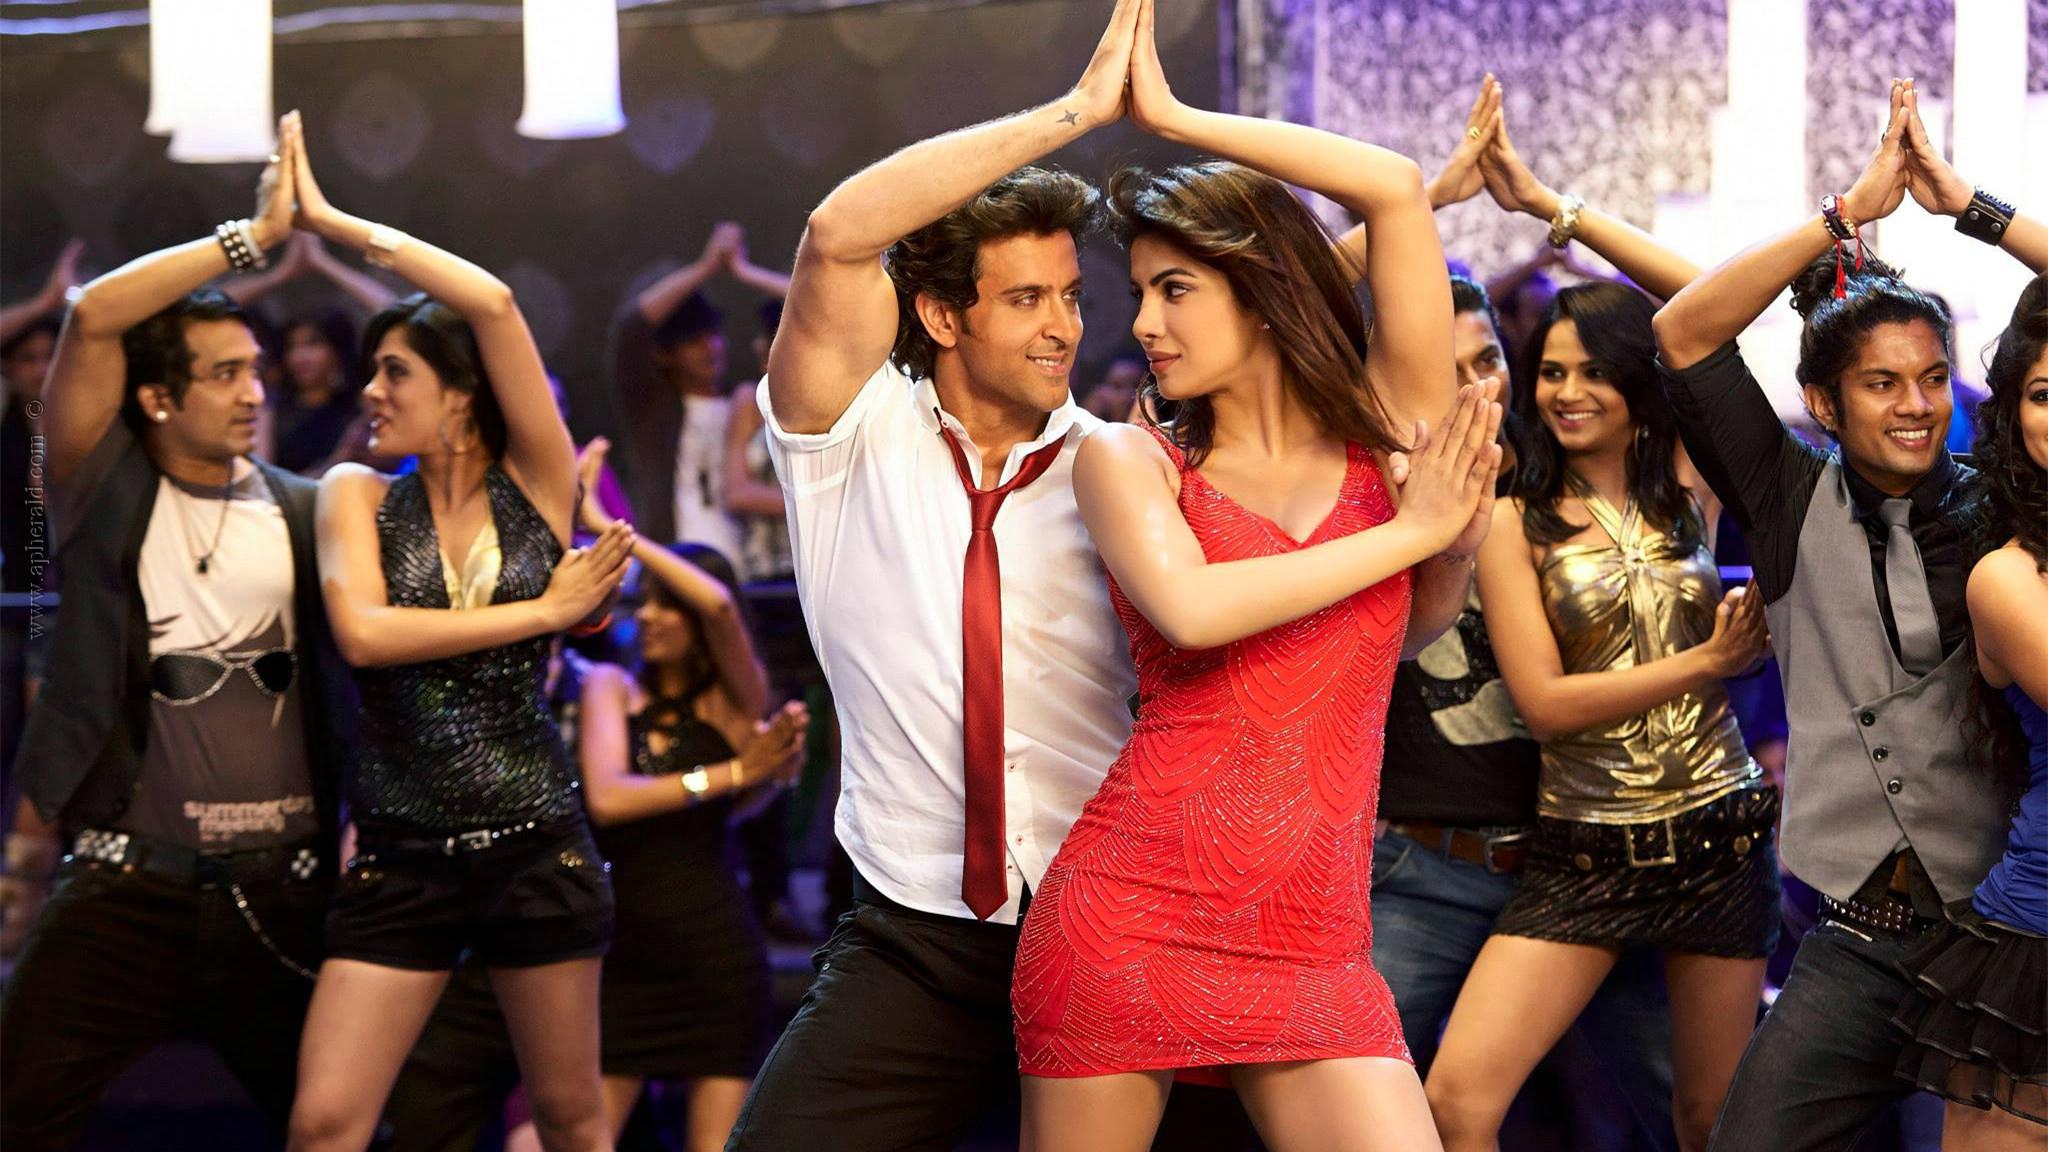 #电影最前线#一部让人大饱眼福的动作大片,让人大开眼界,印度超人全程尬舞!